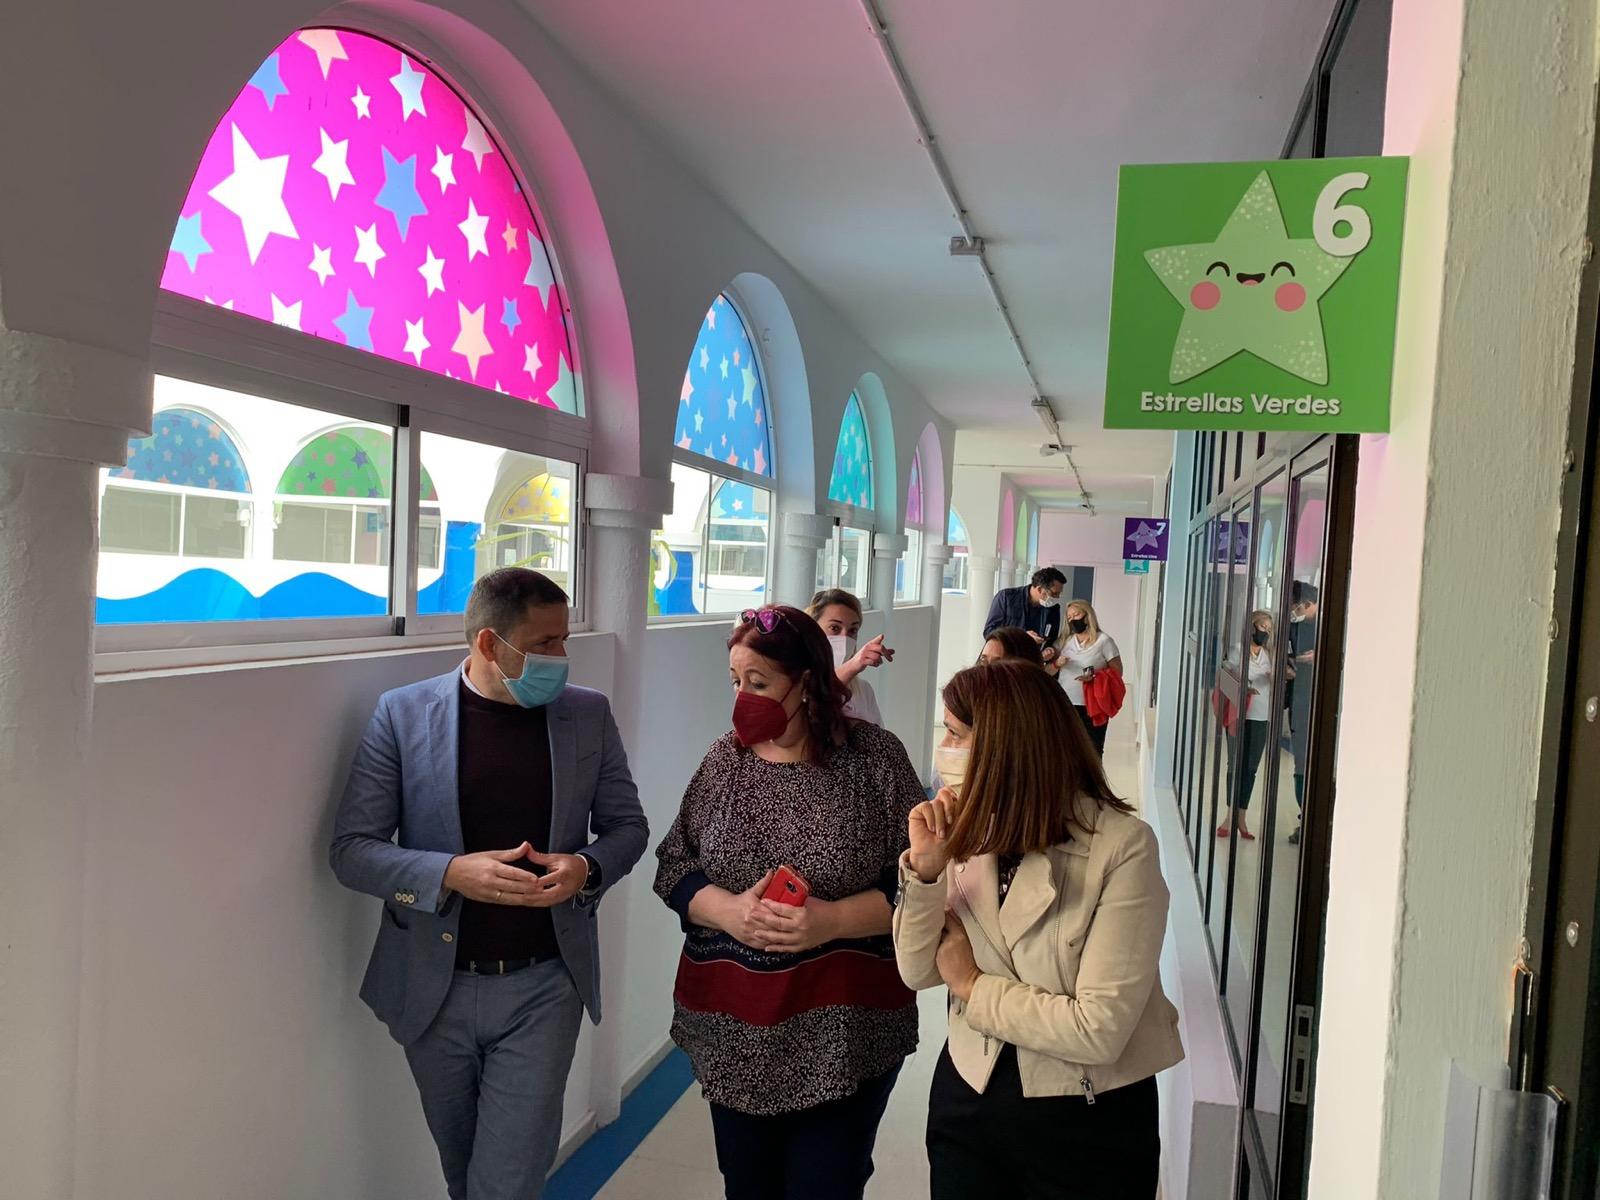 Héctor Suárez, Carmen Hernández y Manuela de Armas visitan a las escuelas infantiles municipales de Telde / CanariasNoticias.es